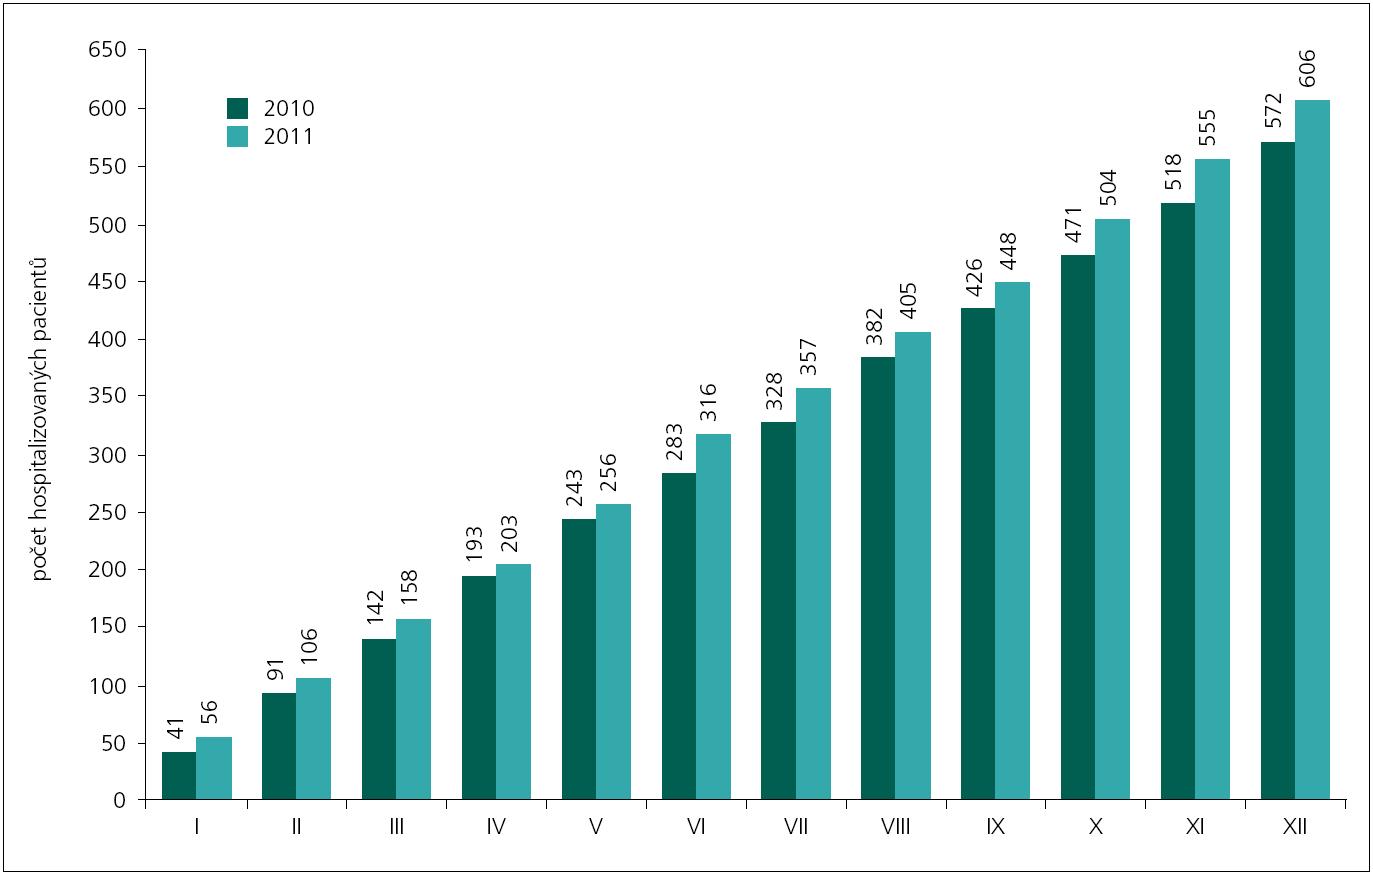 Počty hospitalizovaných pacientů a ambulantně vyšetřených s akutní CMP na Iktovém centru a ostatních odděleních Krajské nemocnice T. Bati ve Zlíně v letech 2010 a 2011.